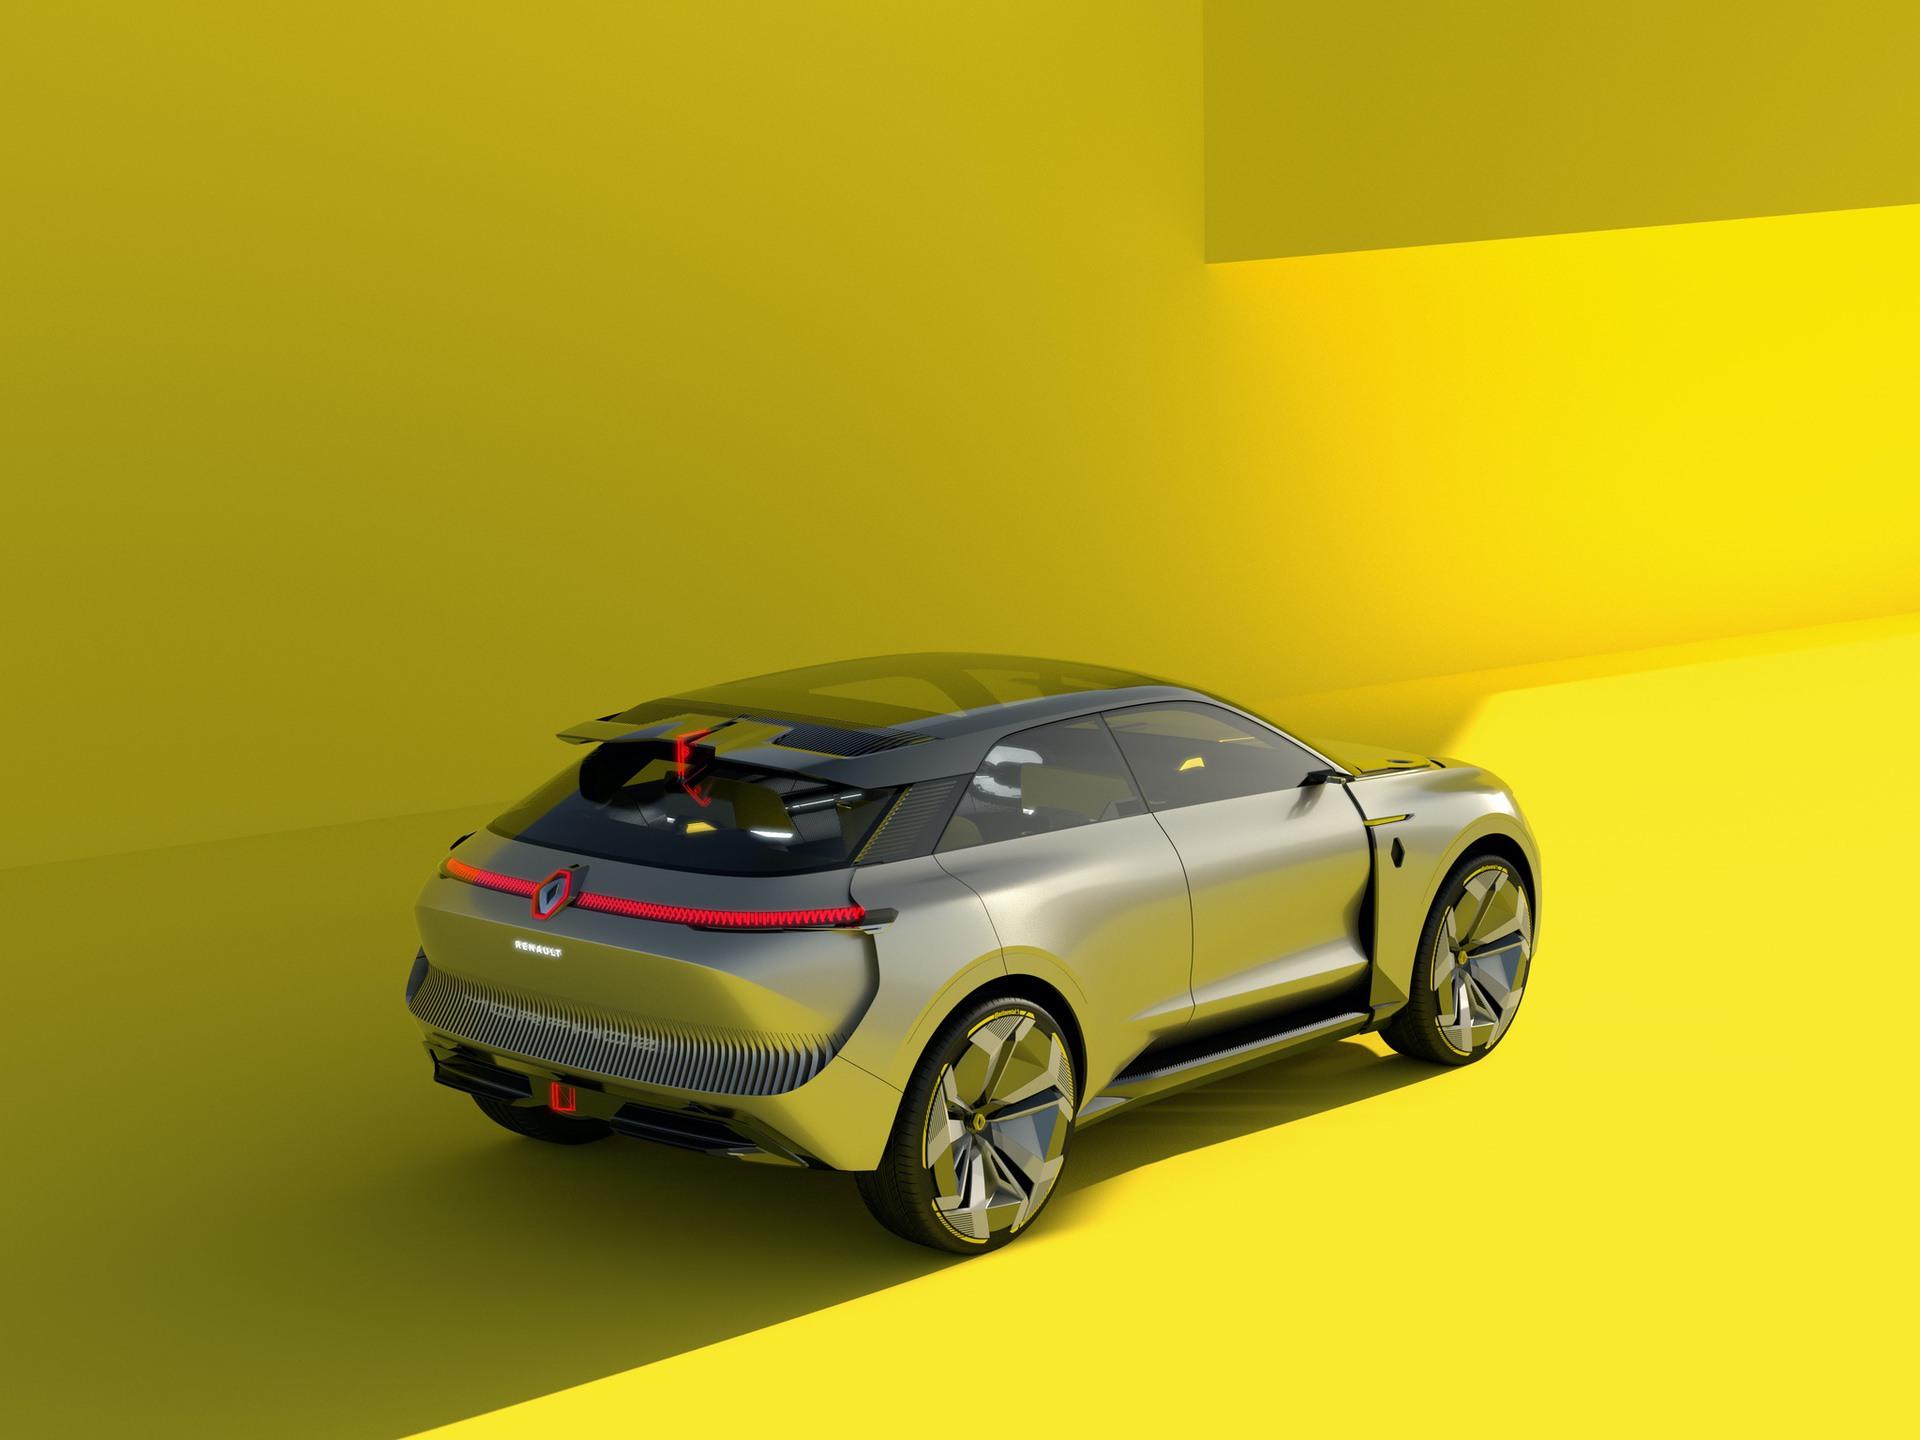 Renault_Morphoz_concept_0008